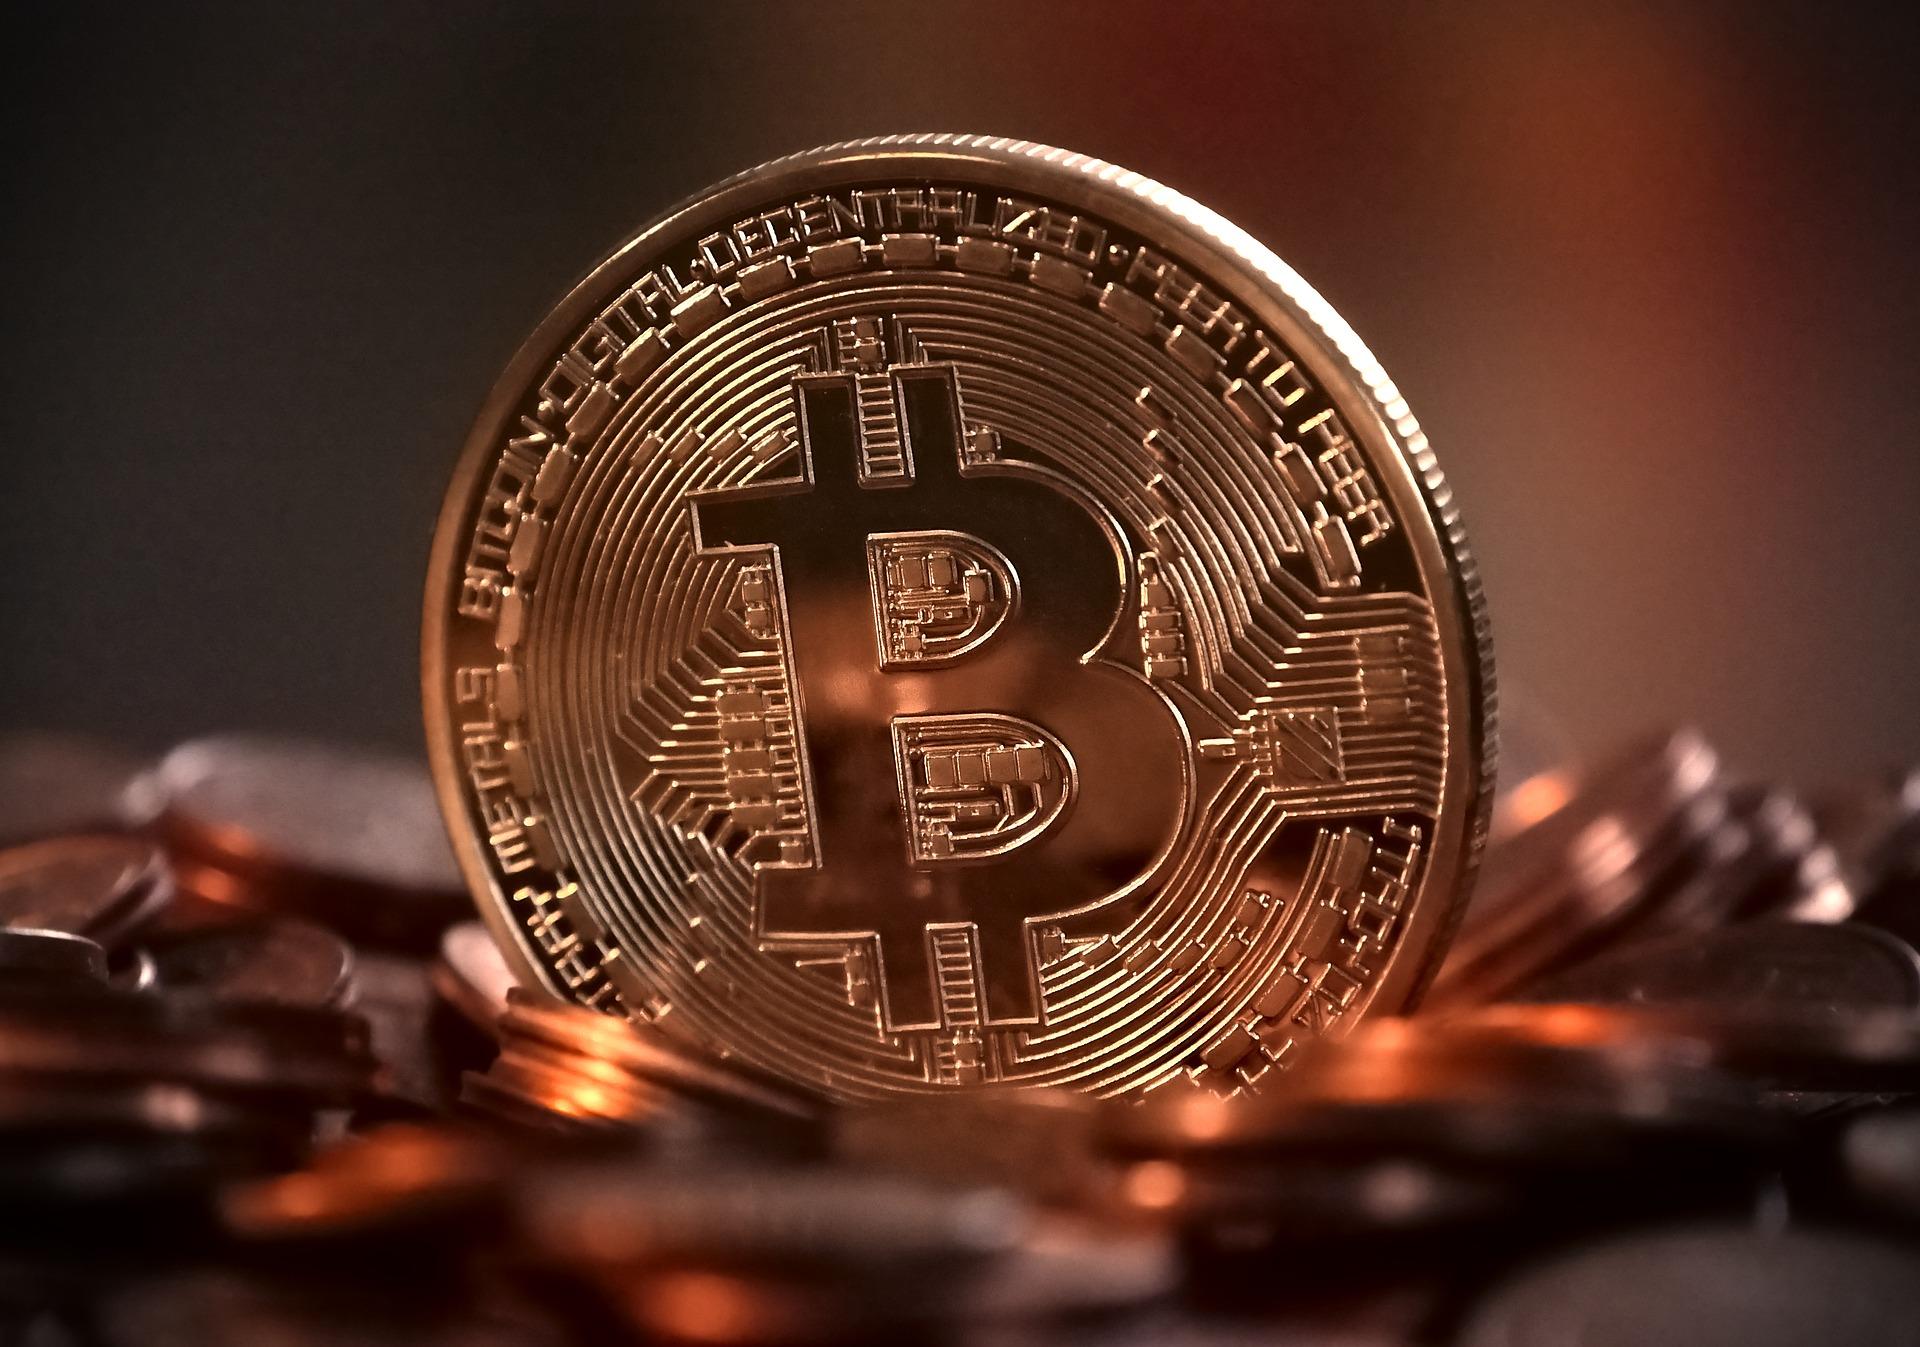 Kursy kryptowalut i fenomen bitcoina